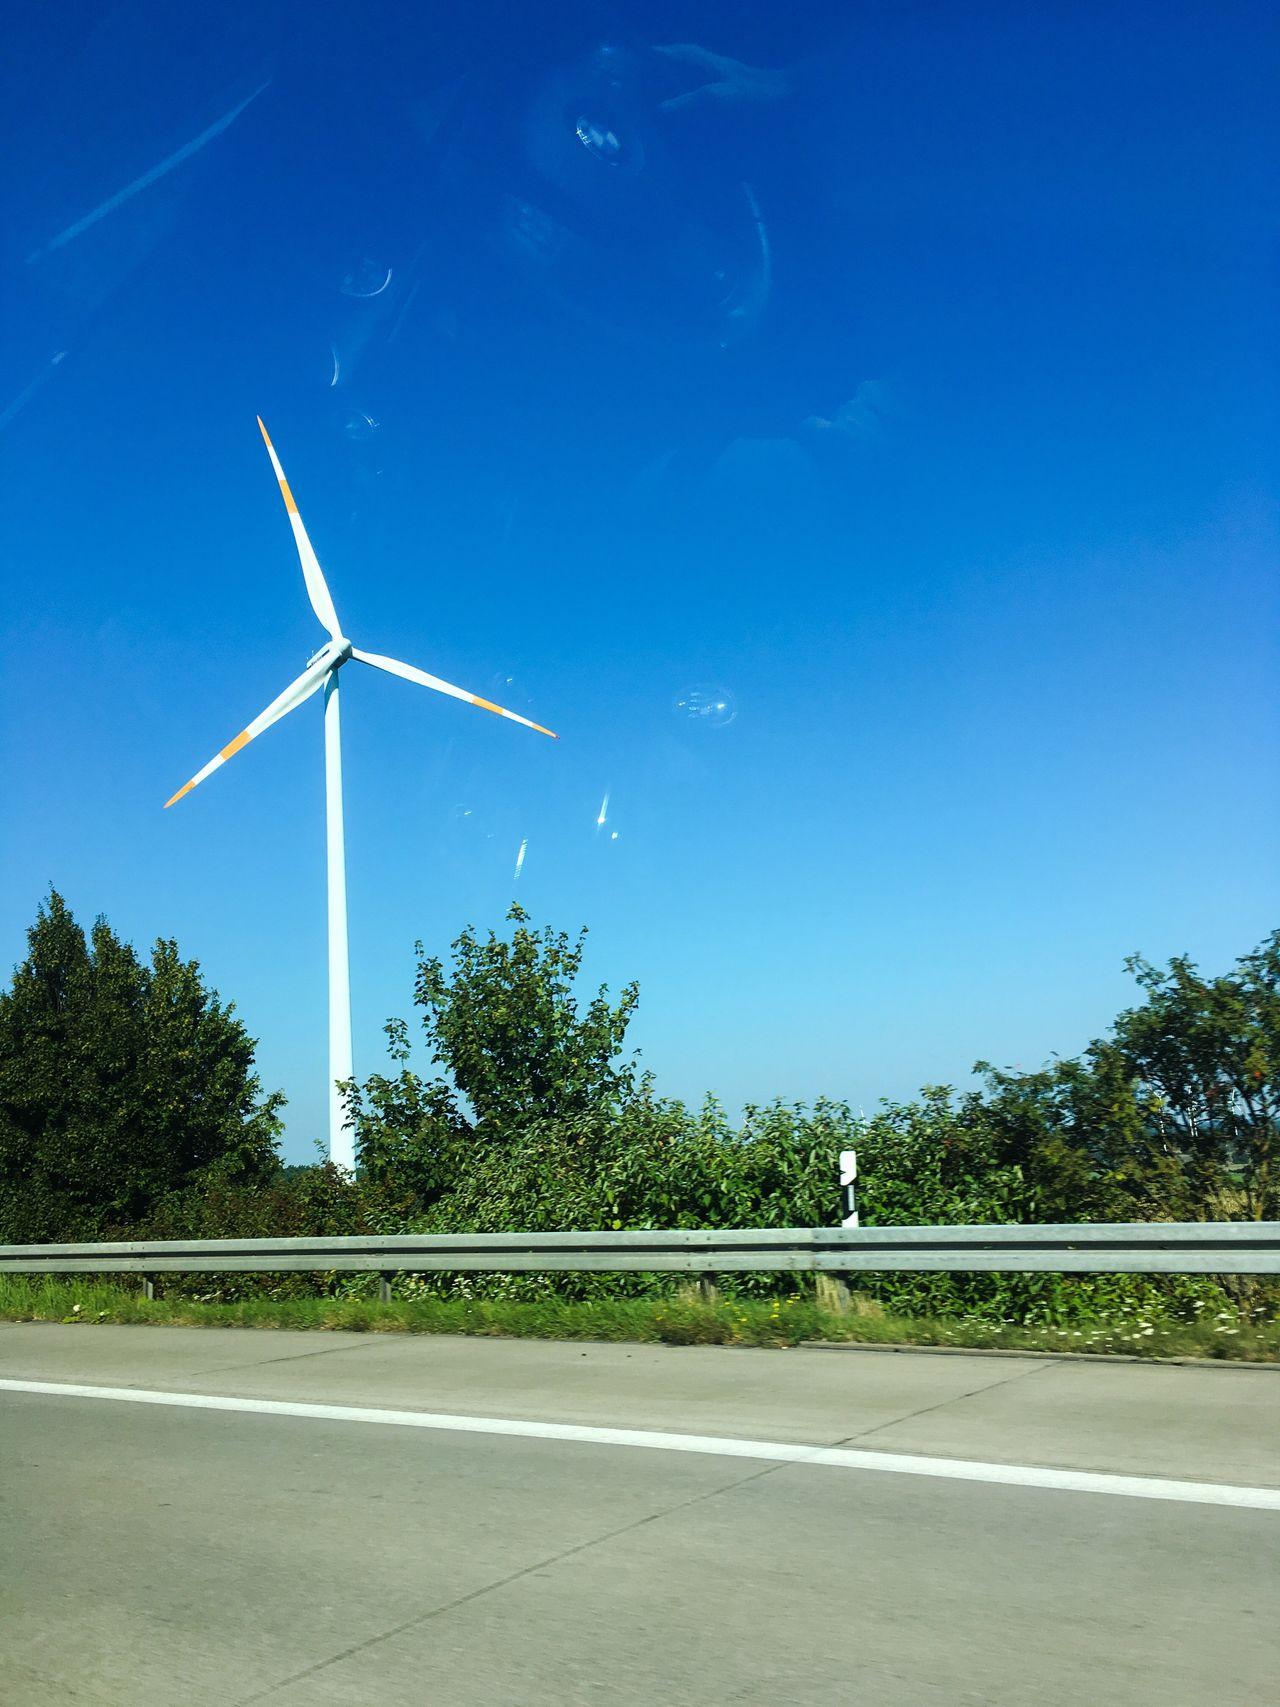 Motorway German Motorway Wind Turbine Wind Power